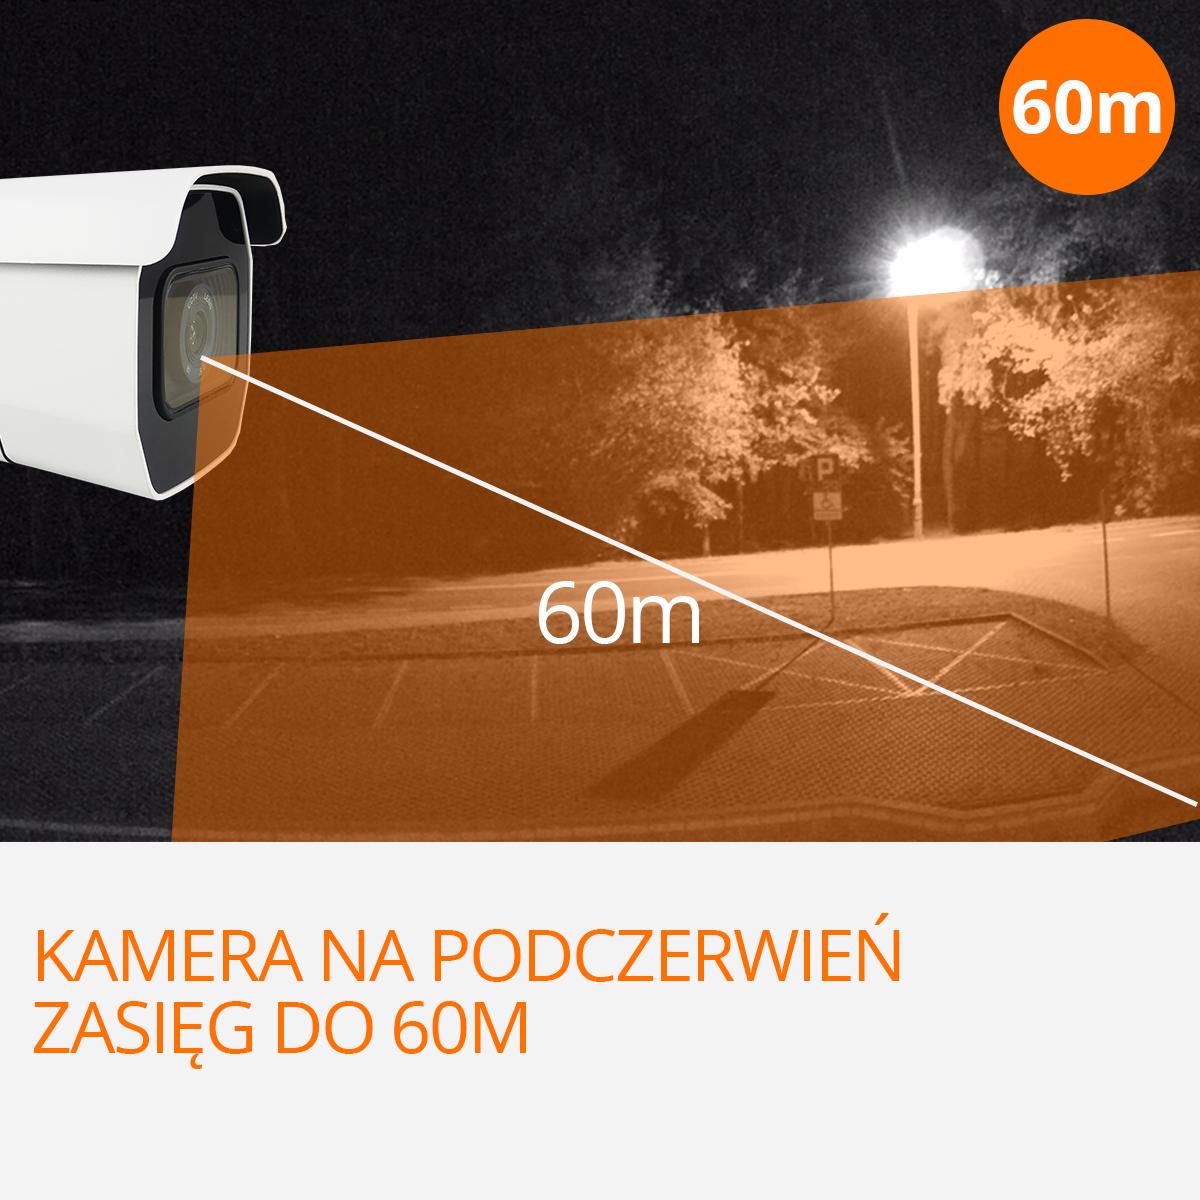 kamera do nagrywania w nocy duzy zasieg orllo.pl